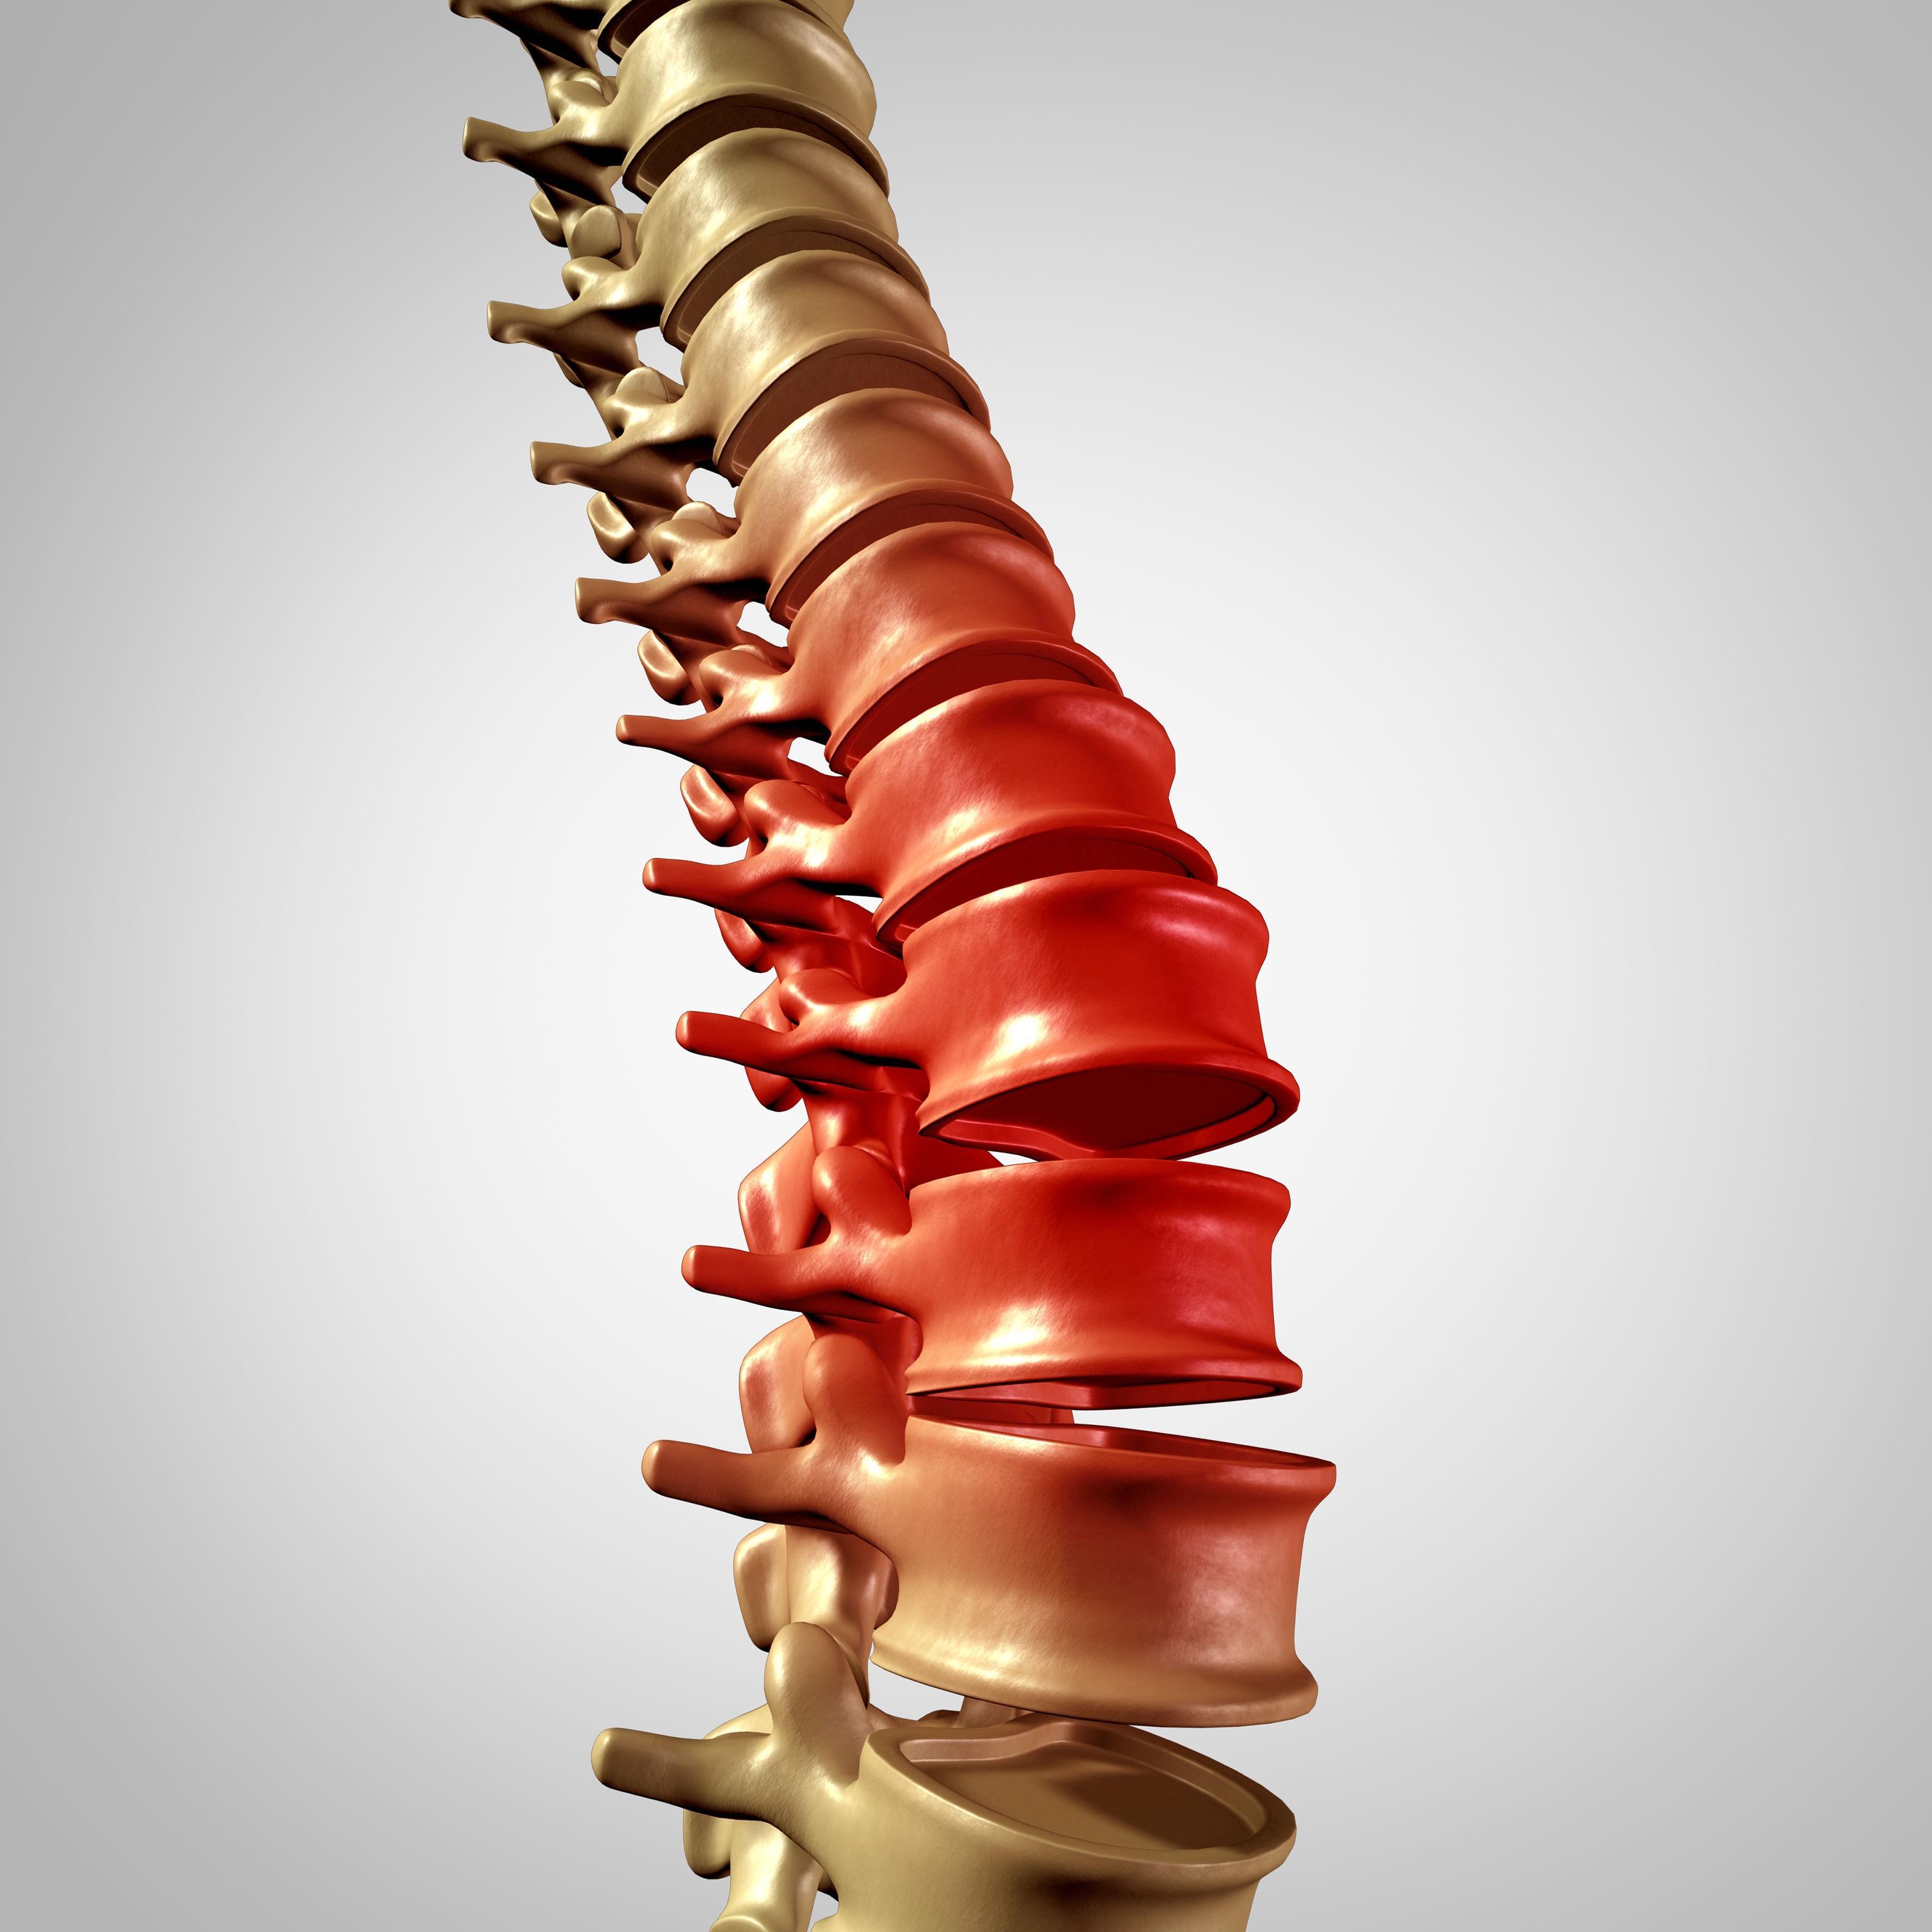 强直性脊柱炎的诊断治疗经验分享